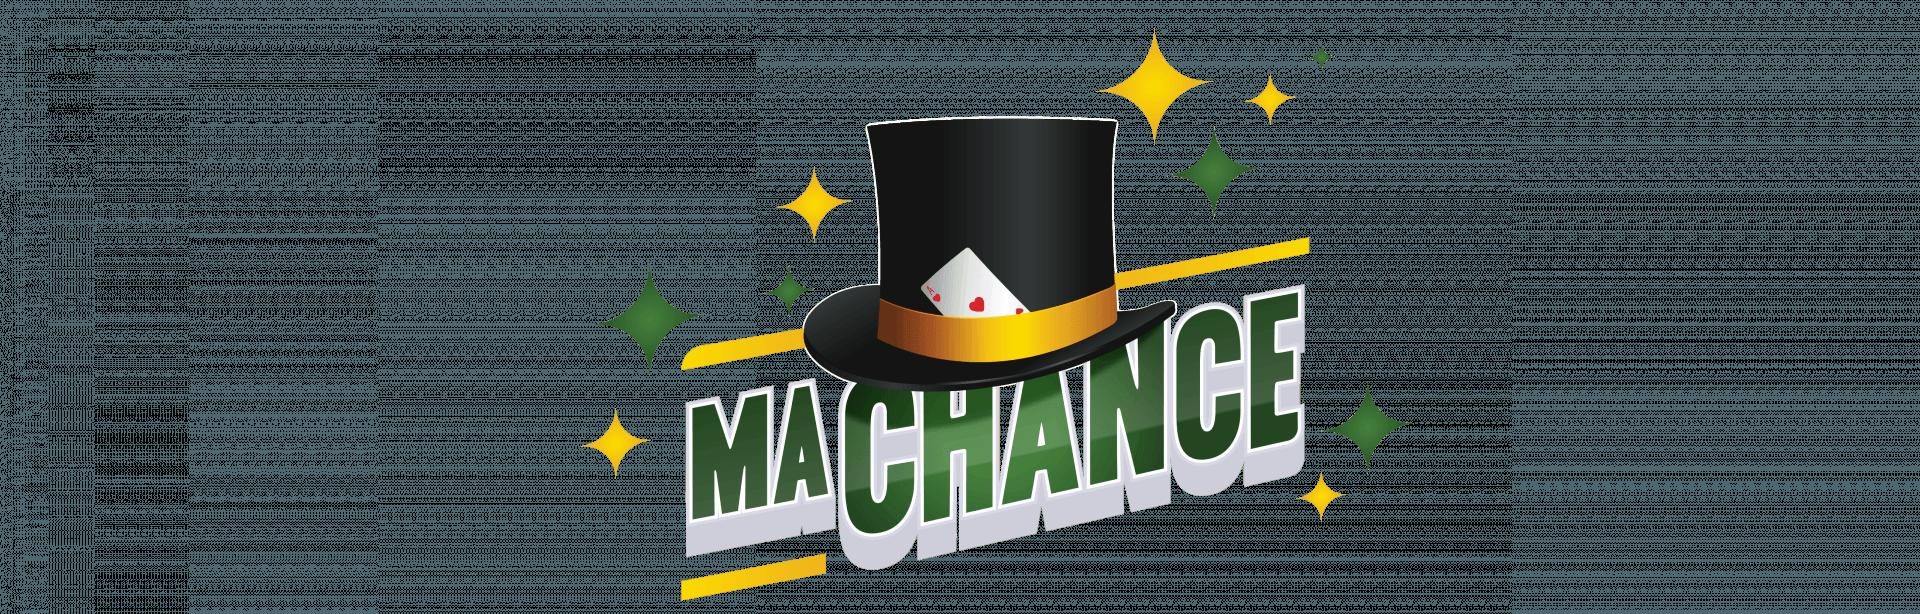 Machance Casino Free Spins Bonus 2020 Yummyspins